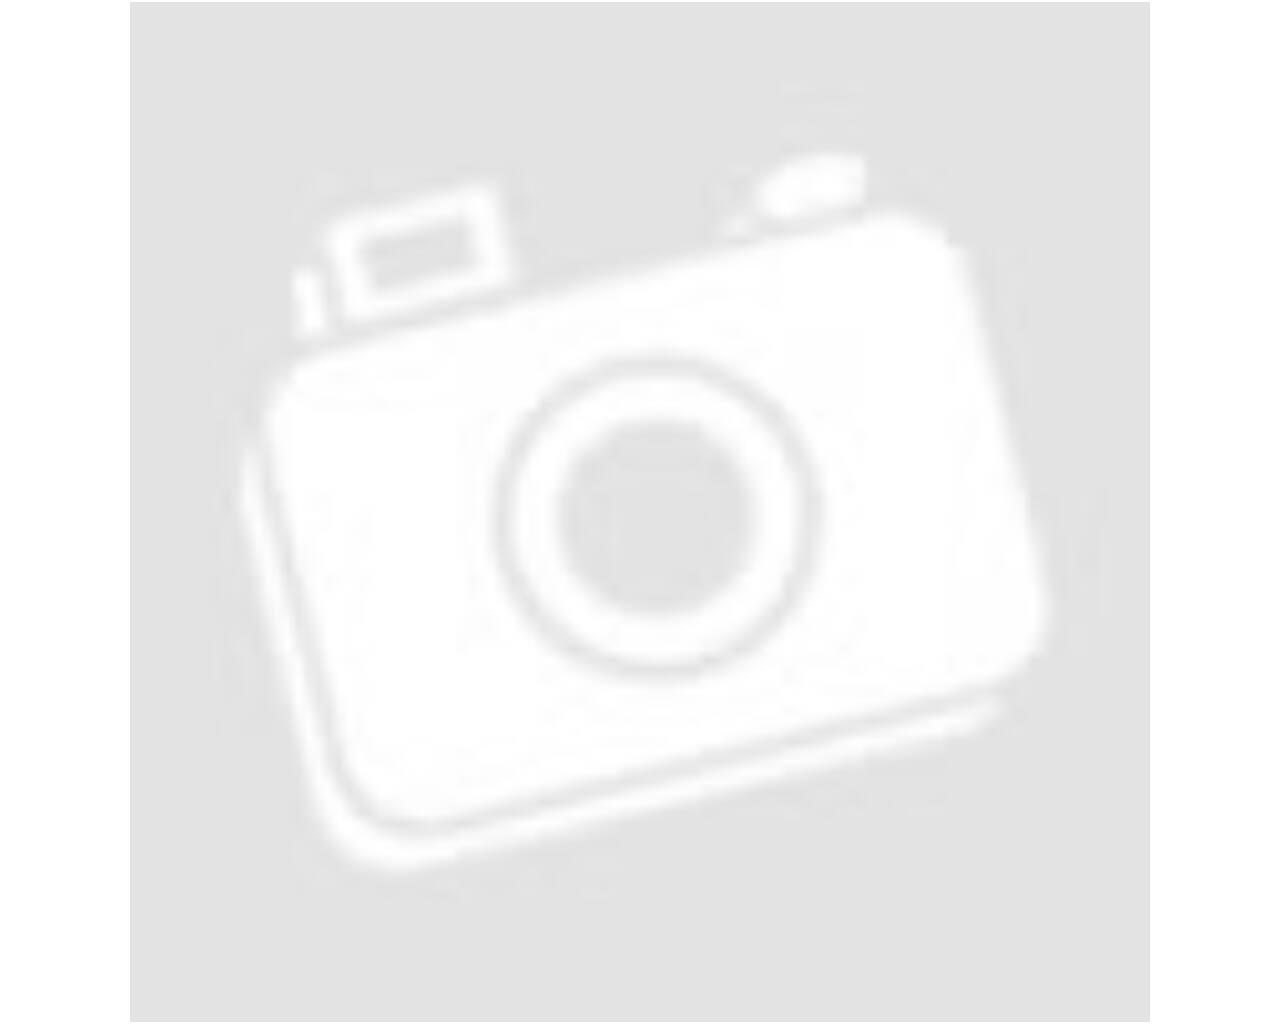 sötétítő függöny krém színű, 100% poliészter, 135 cm x 245 cm